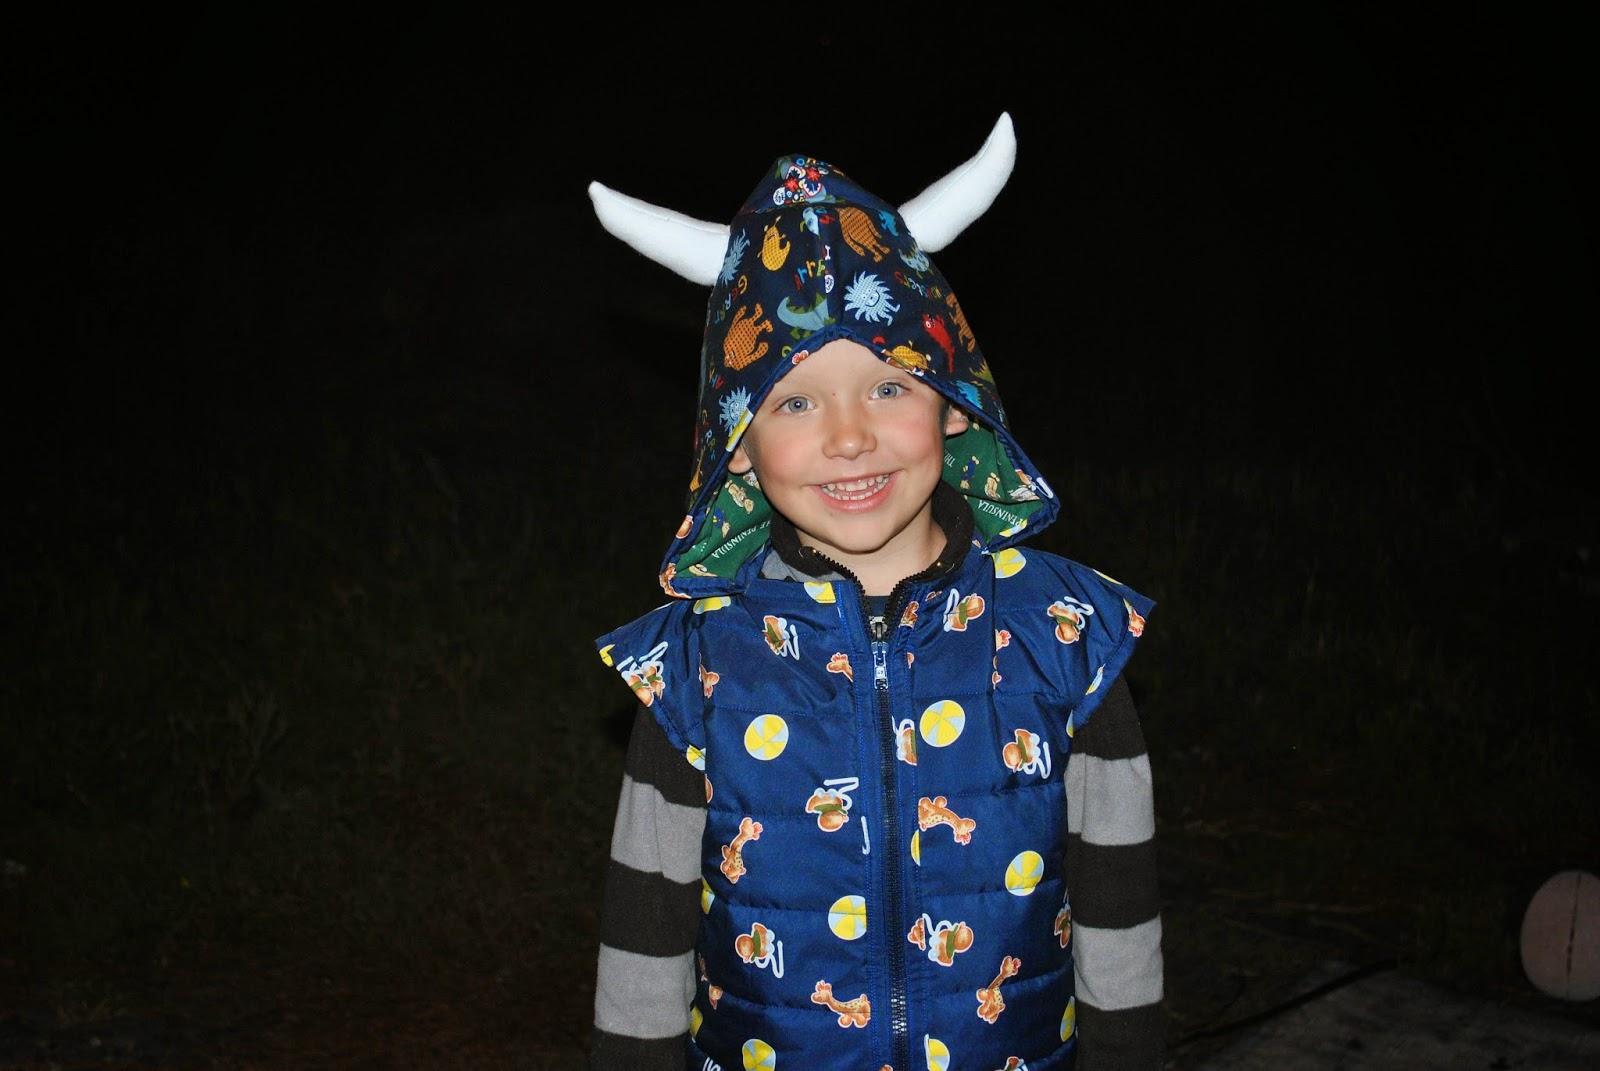 шитье, цветы, день рожденья, жилет, синтепон, плащевка, викинг, куртка, безрукавка, для детей, для малышей, одежда